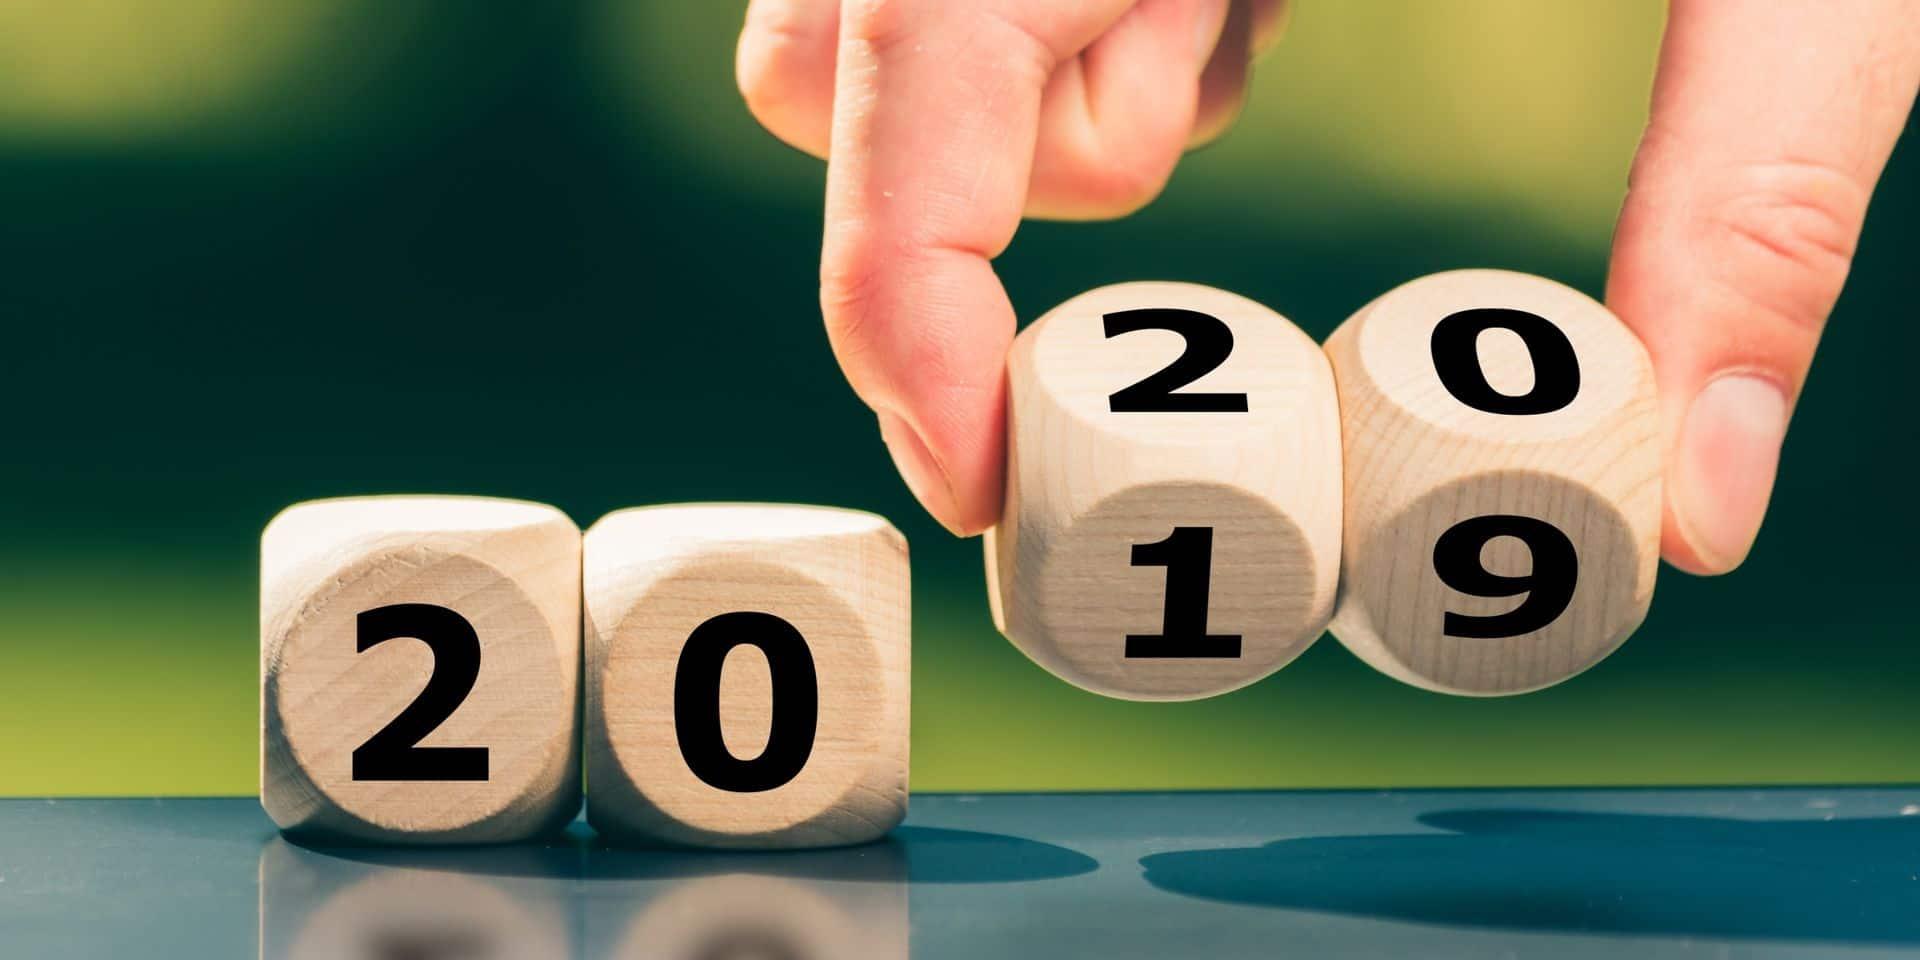 Rétrospective 2019: les événements qui ont marqué l'année